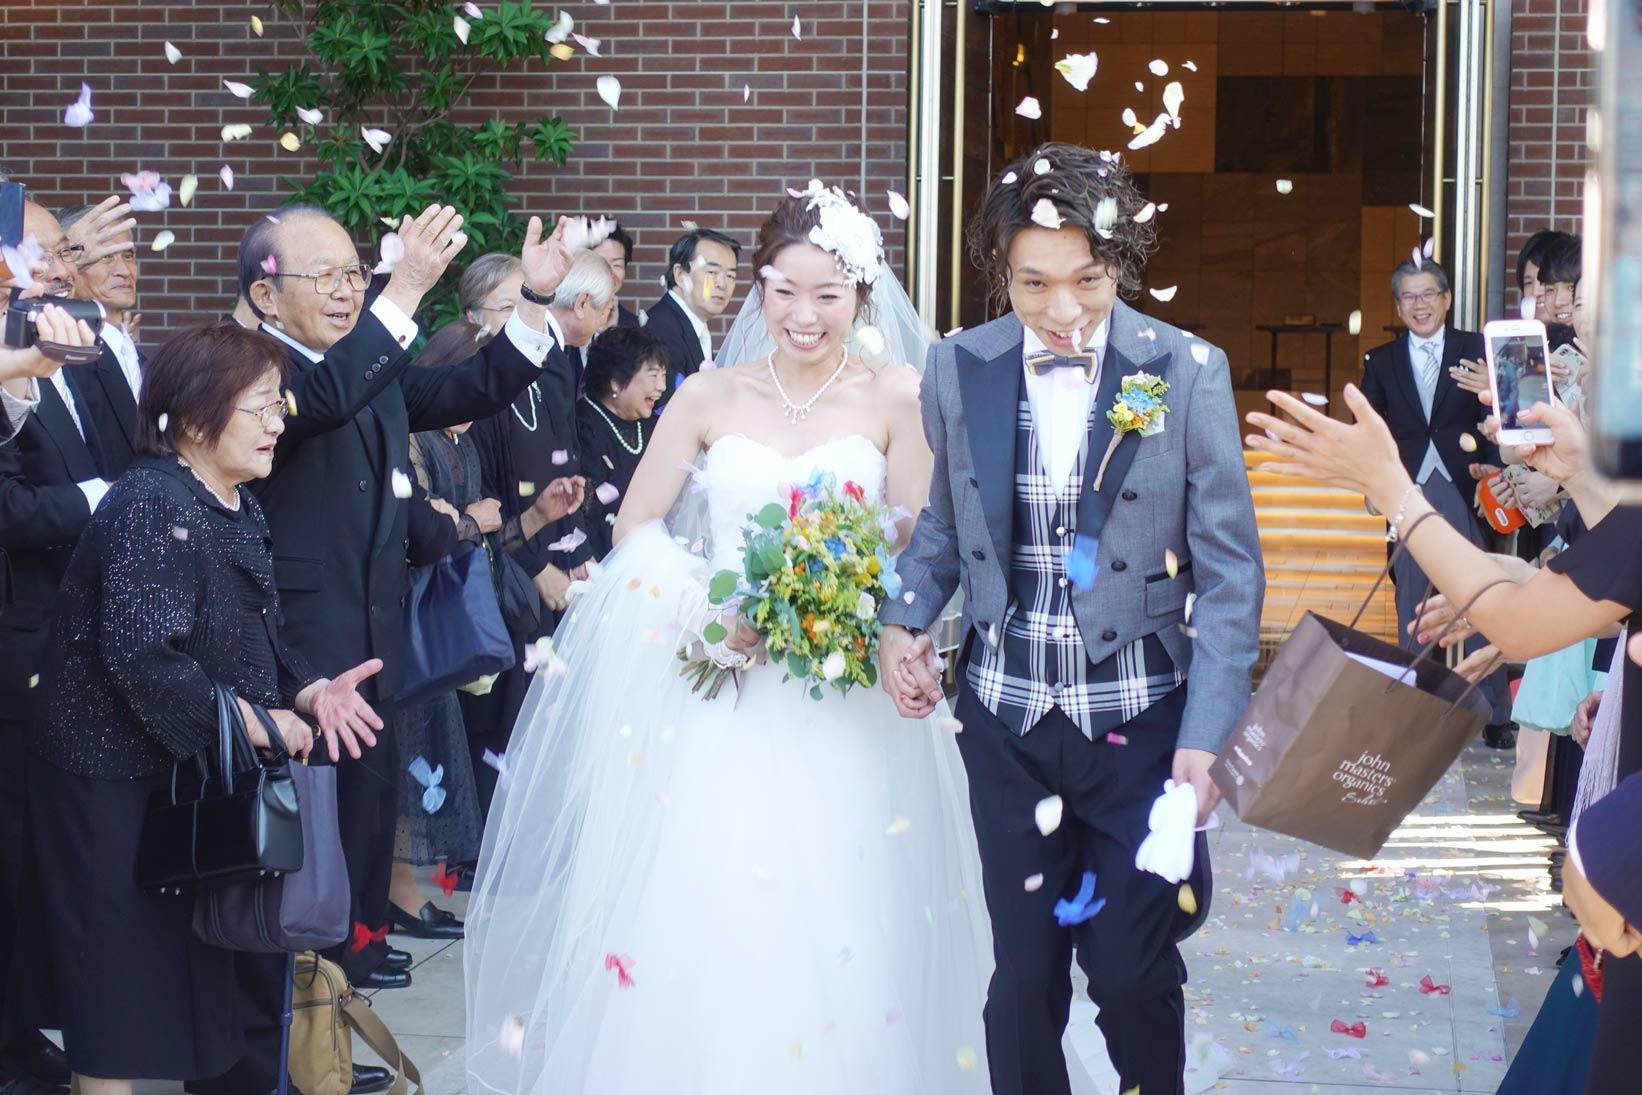 くっすーの最高の晴れ舞台[結婚式] | 本当におめでとう!これからも頑張ろうぜ![楠田元成・治子さん]